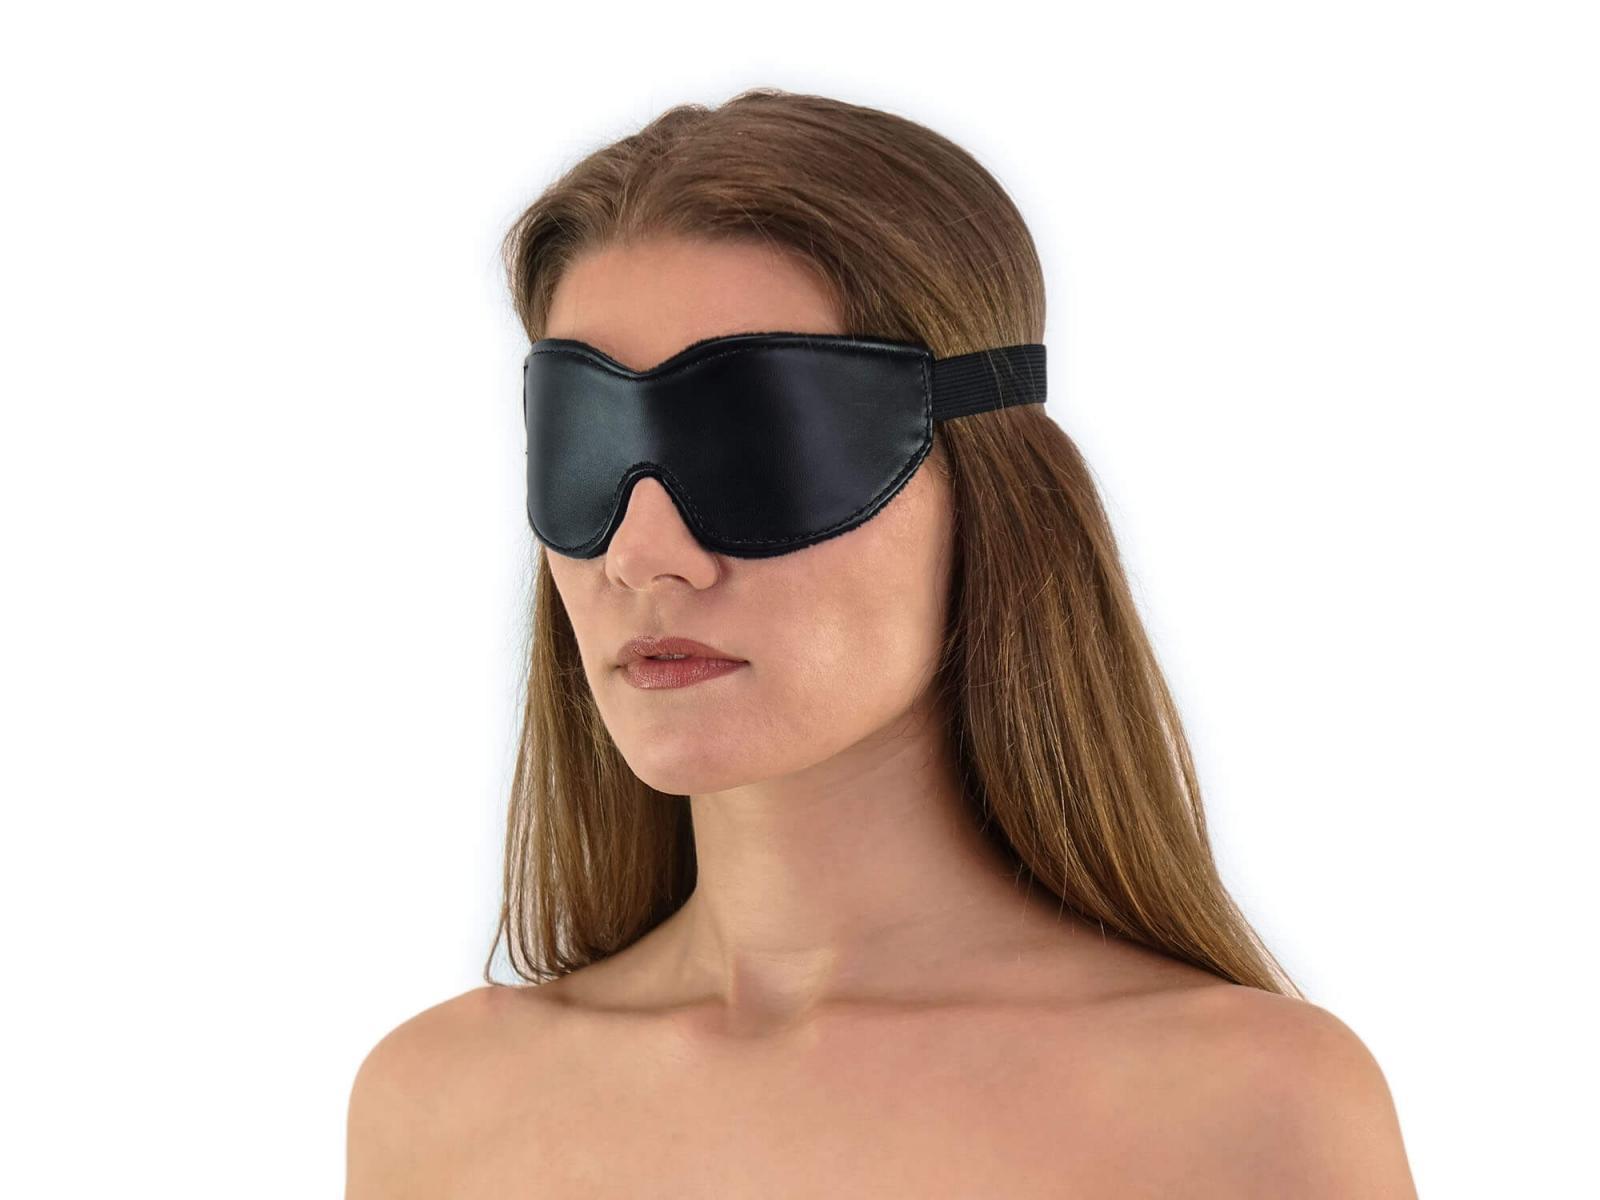 Weiche komfort Augenbinde mit Gummizug Leder-Look